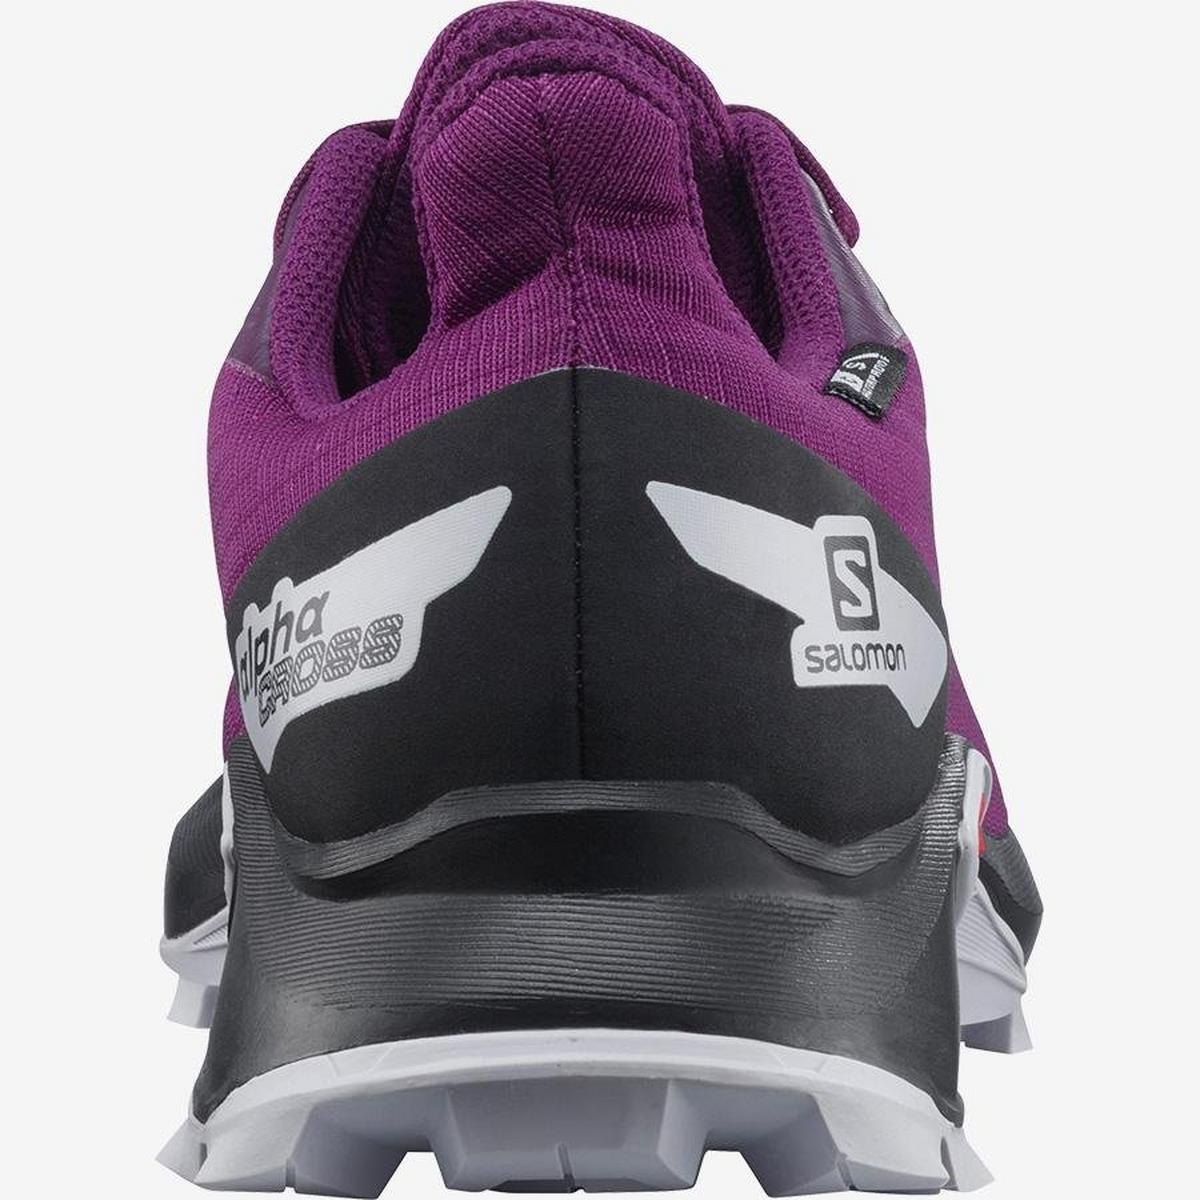 Salomon Kids' Alphacross Blast Climasalomon? Waterproof - Purple